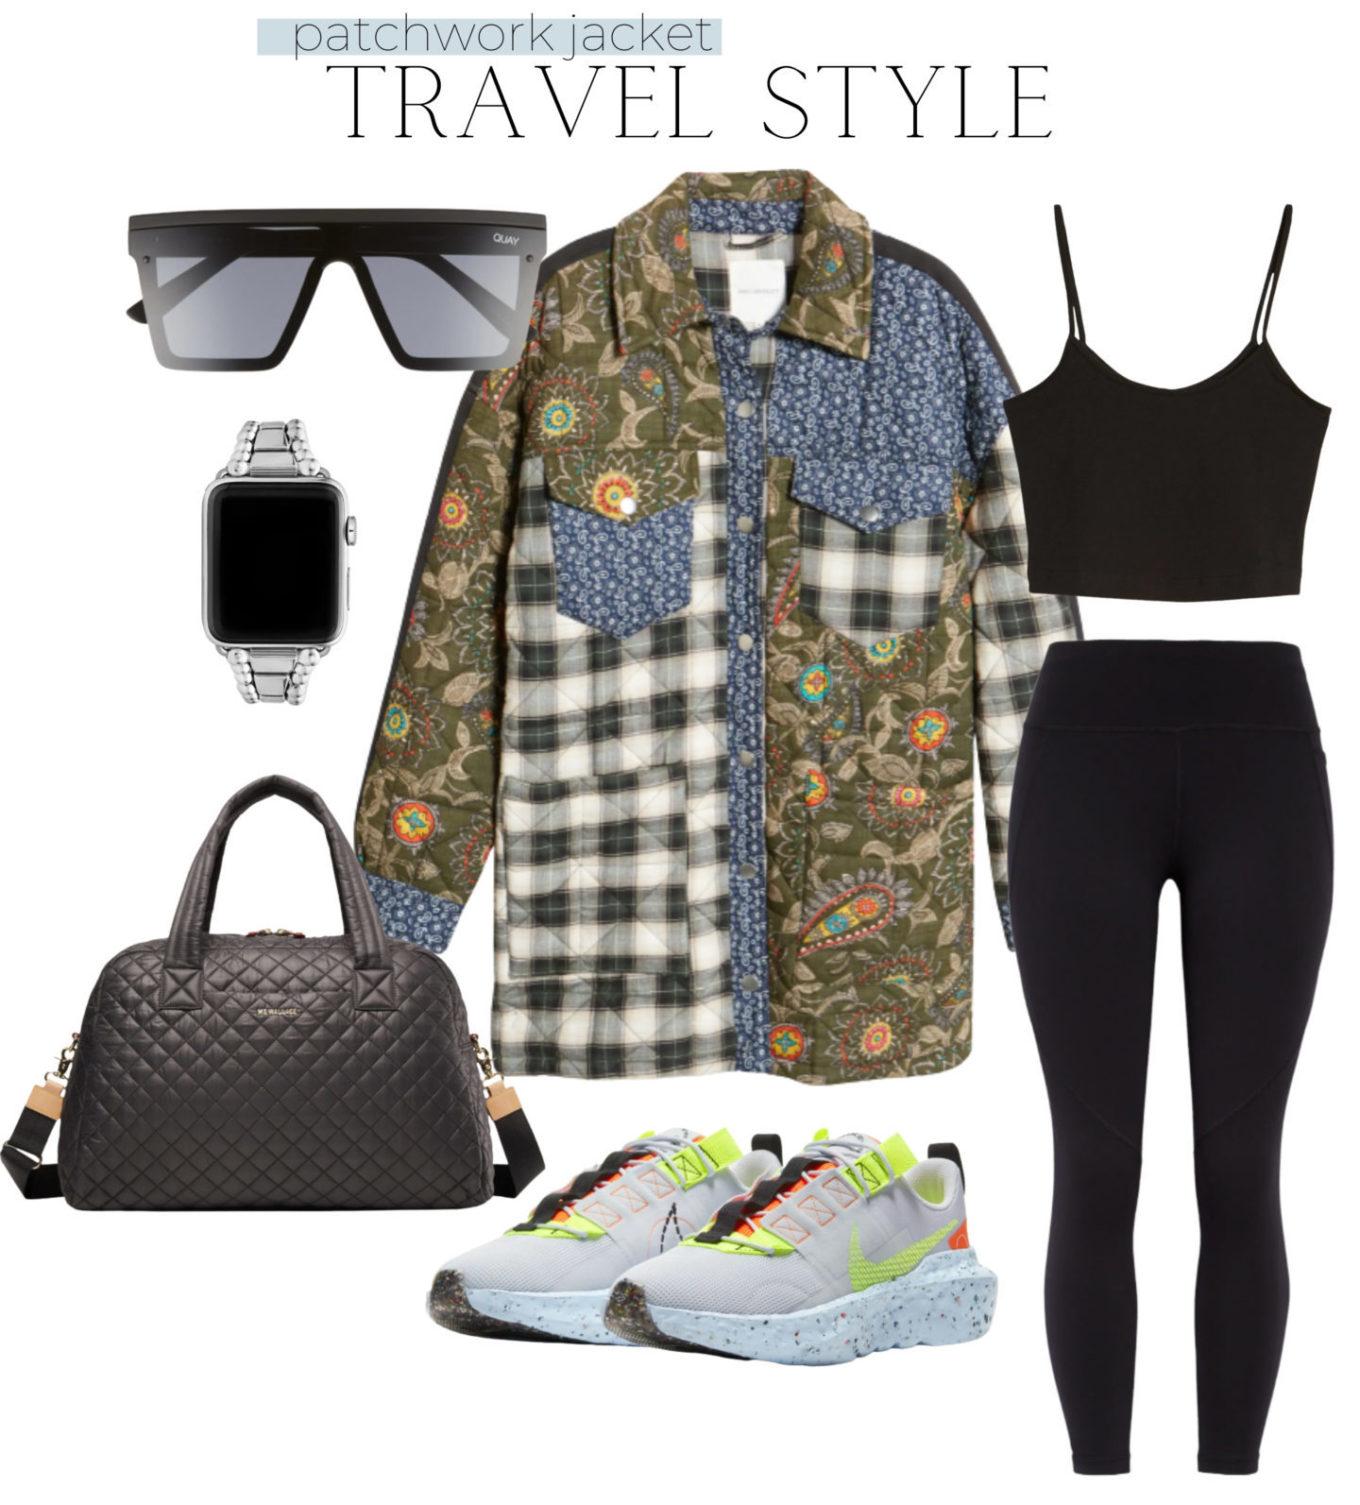 shirt jacket travel style